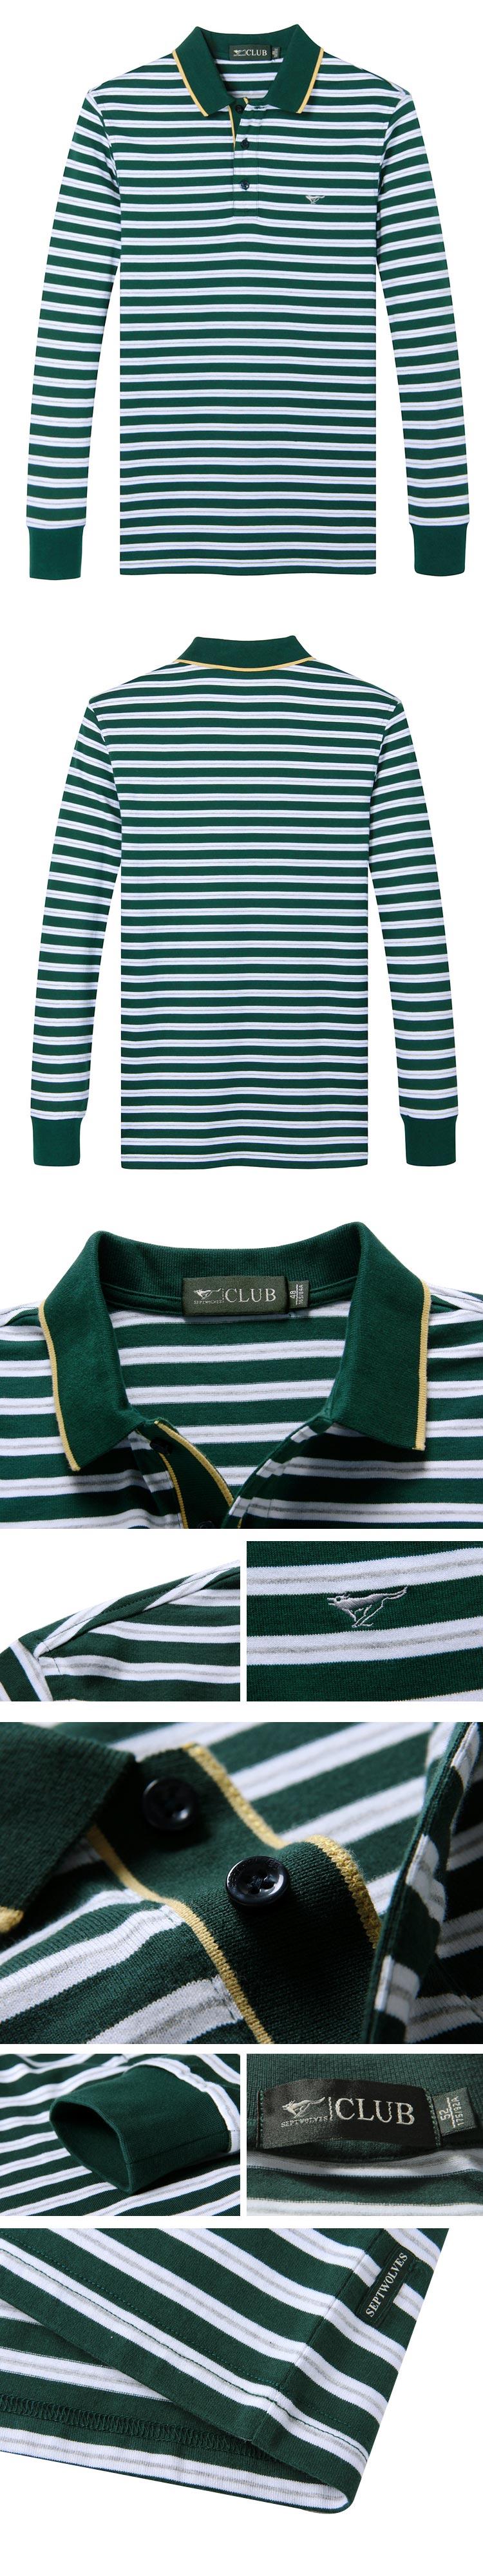 墨绿色条纹纯棉长袖t恤polo衫